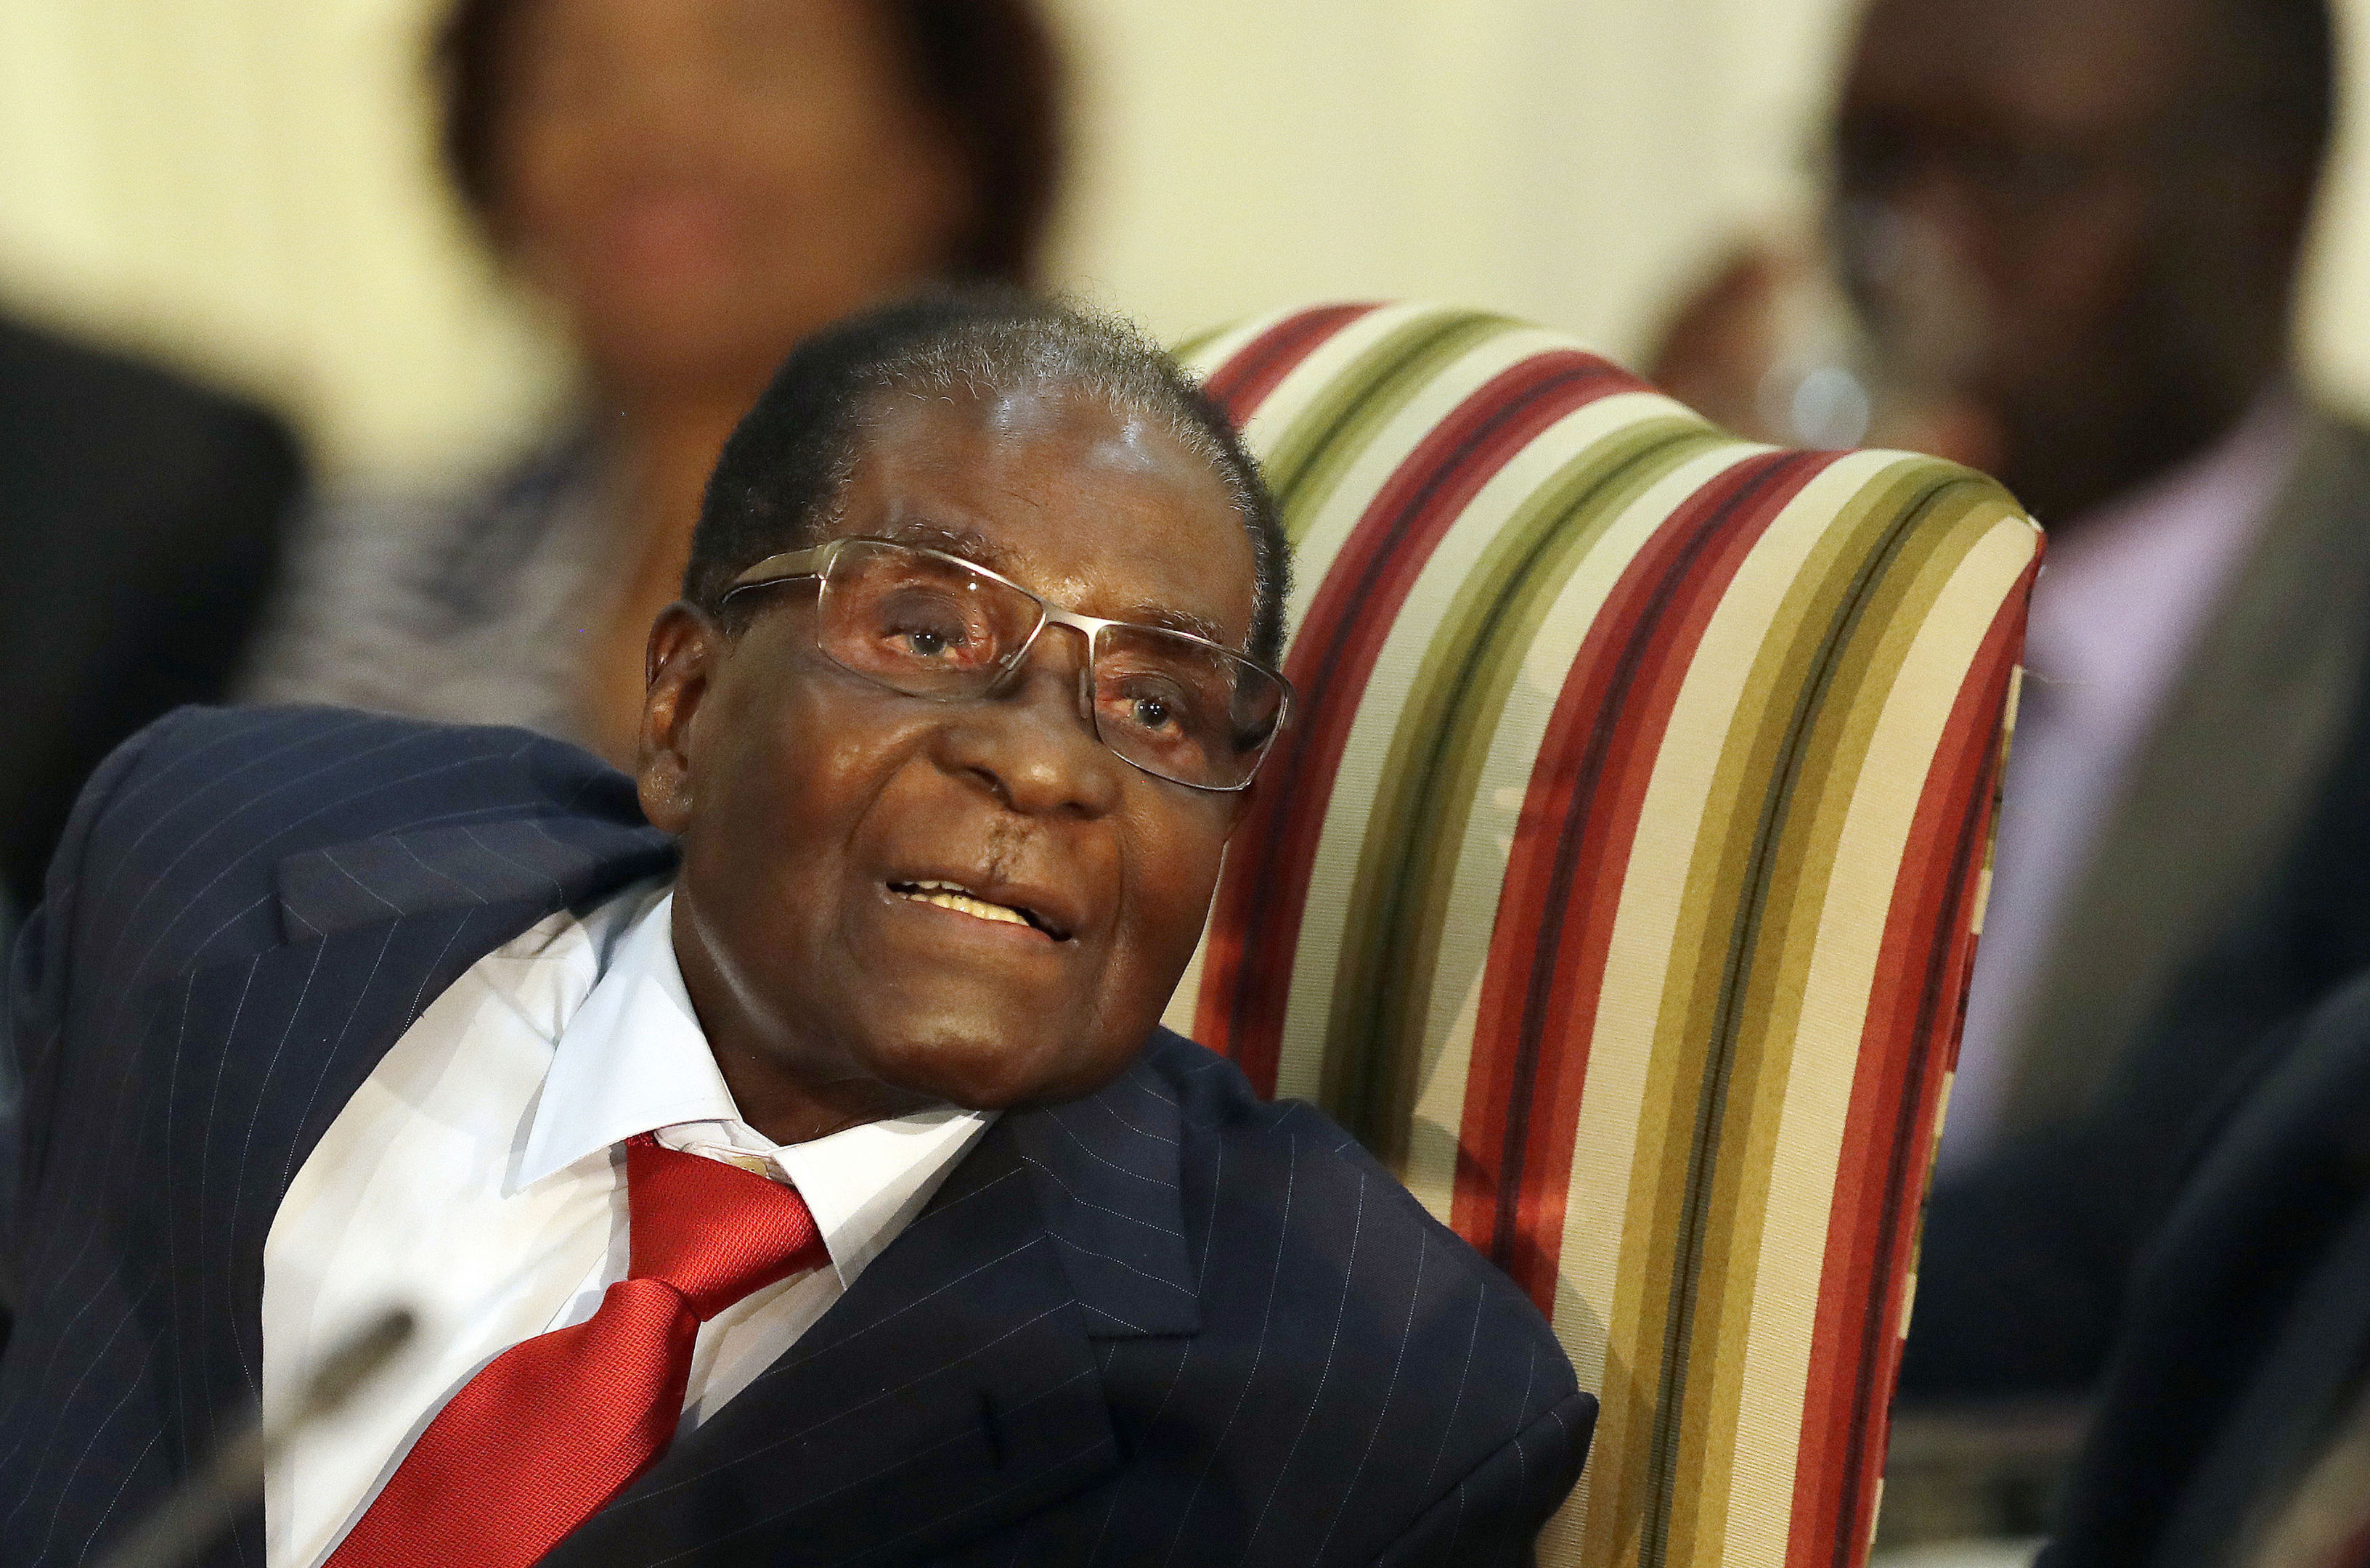 Zimbabwe's President Robert Mugabe (AP Photo/Themba Hadebe)